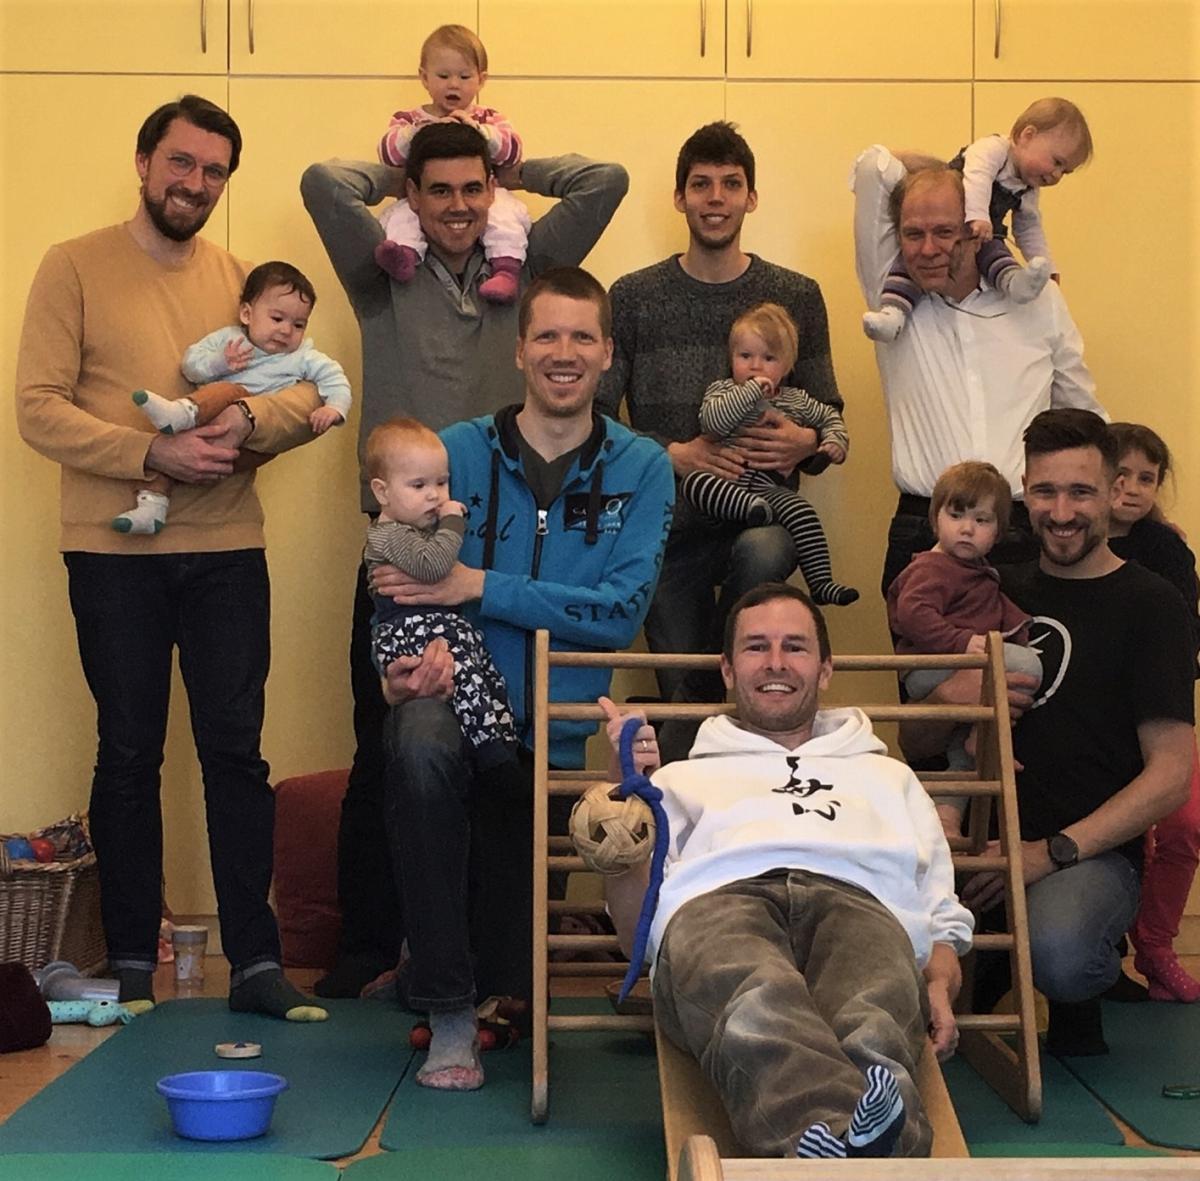 Vater, Vater sein, Vater-Kind-Kurs, Vater Bindung, Vater-Tochter, Vater-Sohn, Entwicklung